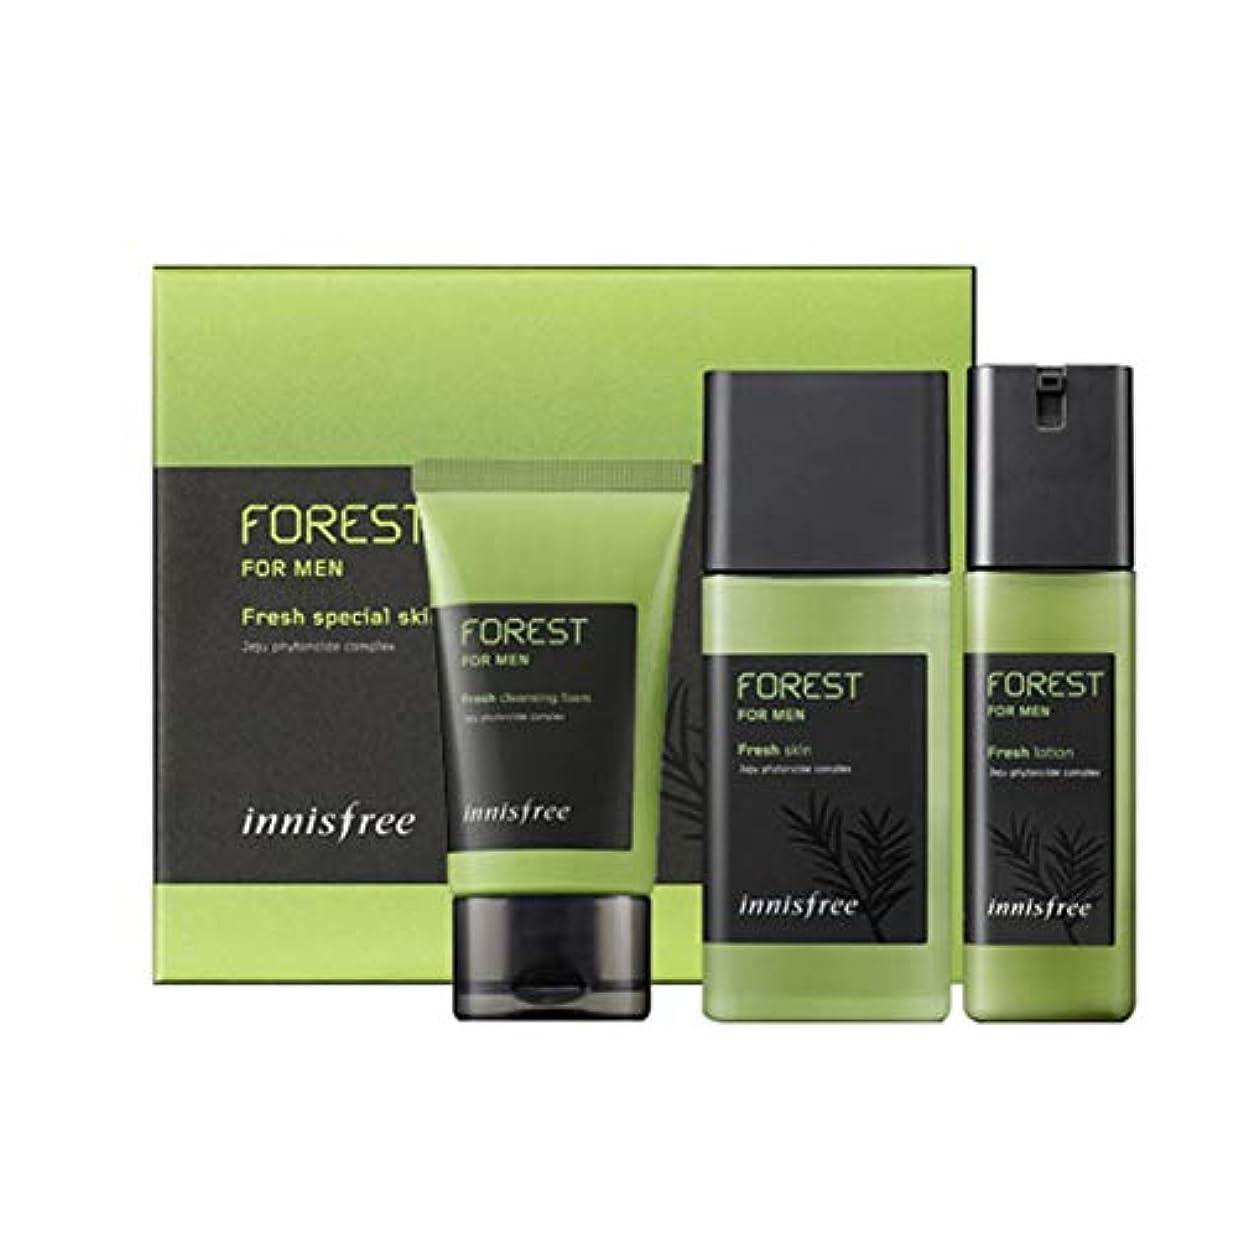 ポール仮称柔らかいイニスフリーフォレストフォーマンフレッシュスキンケアセットスキンローションクレンジングフォームメンズコスメ 韓国コスメ、innisfree Forest for Men Fresh Skincare Set Skin Lotion Cleansing Foam Korean Cosmetics [並行輸入品]